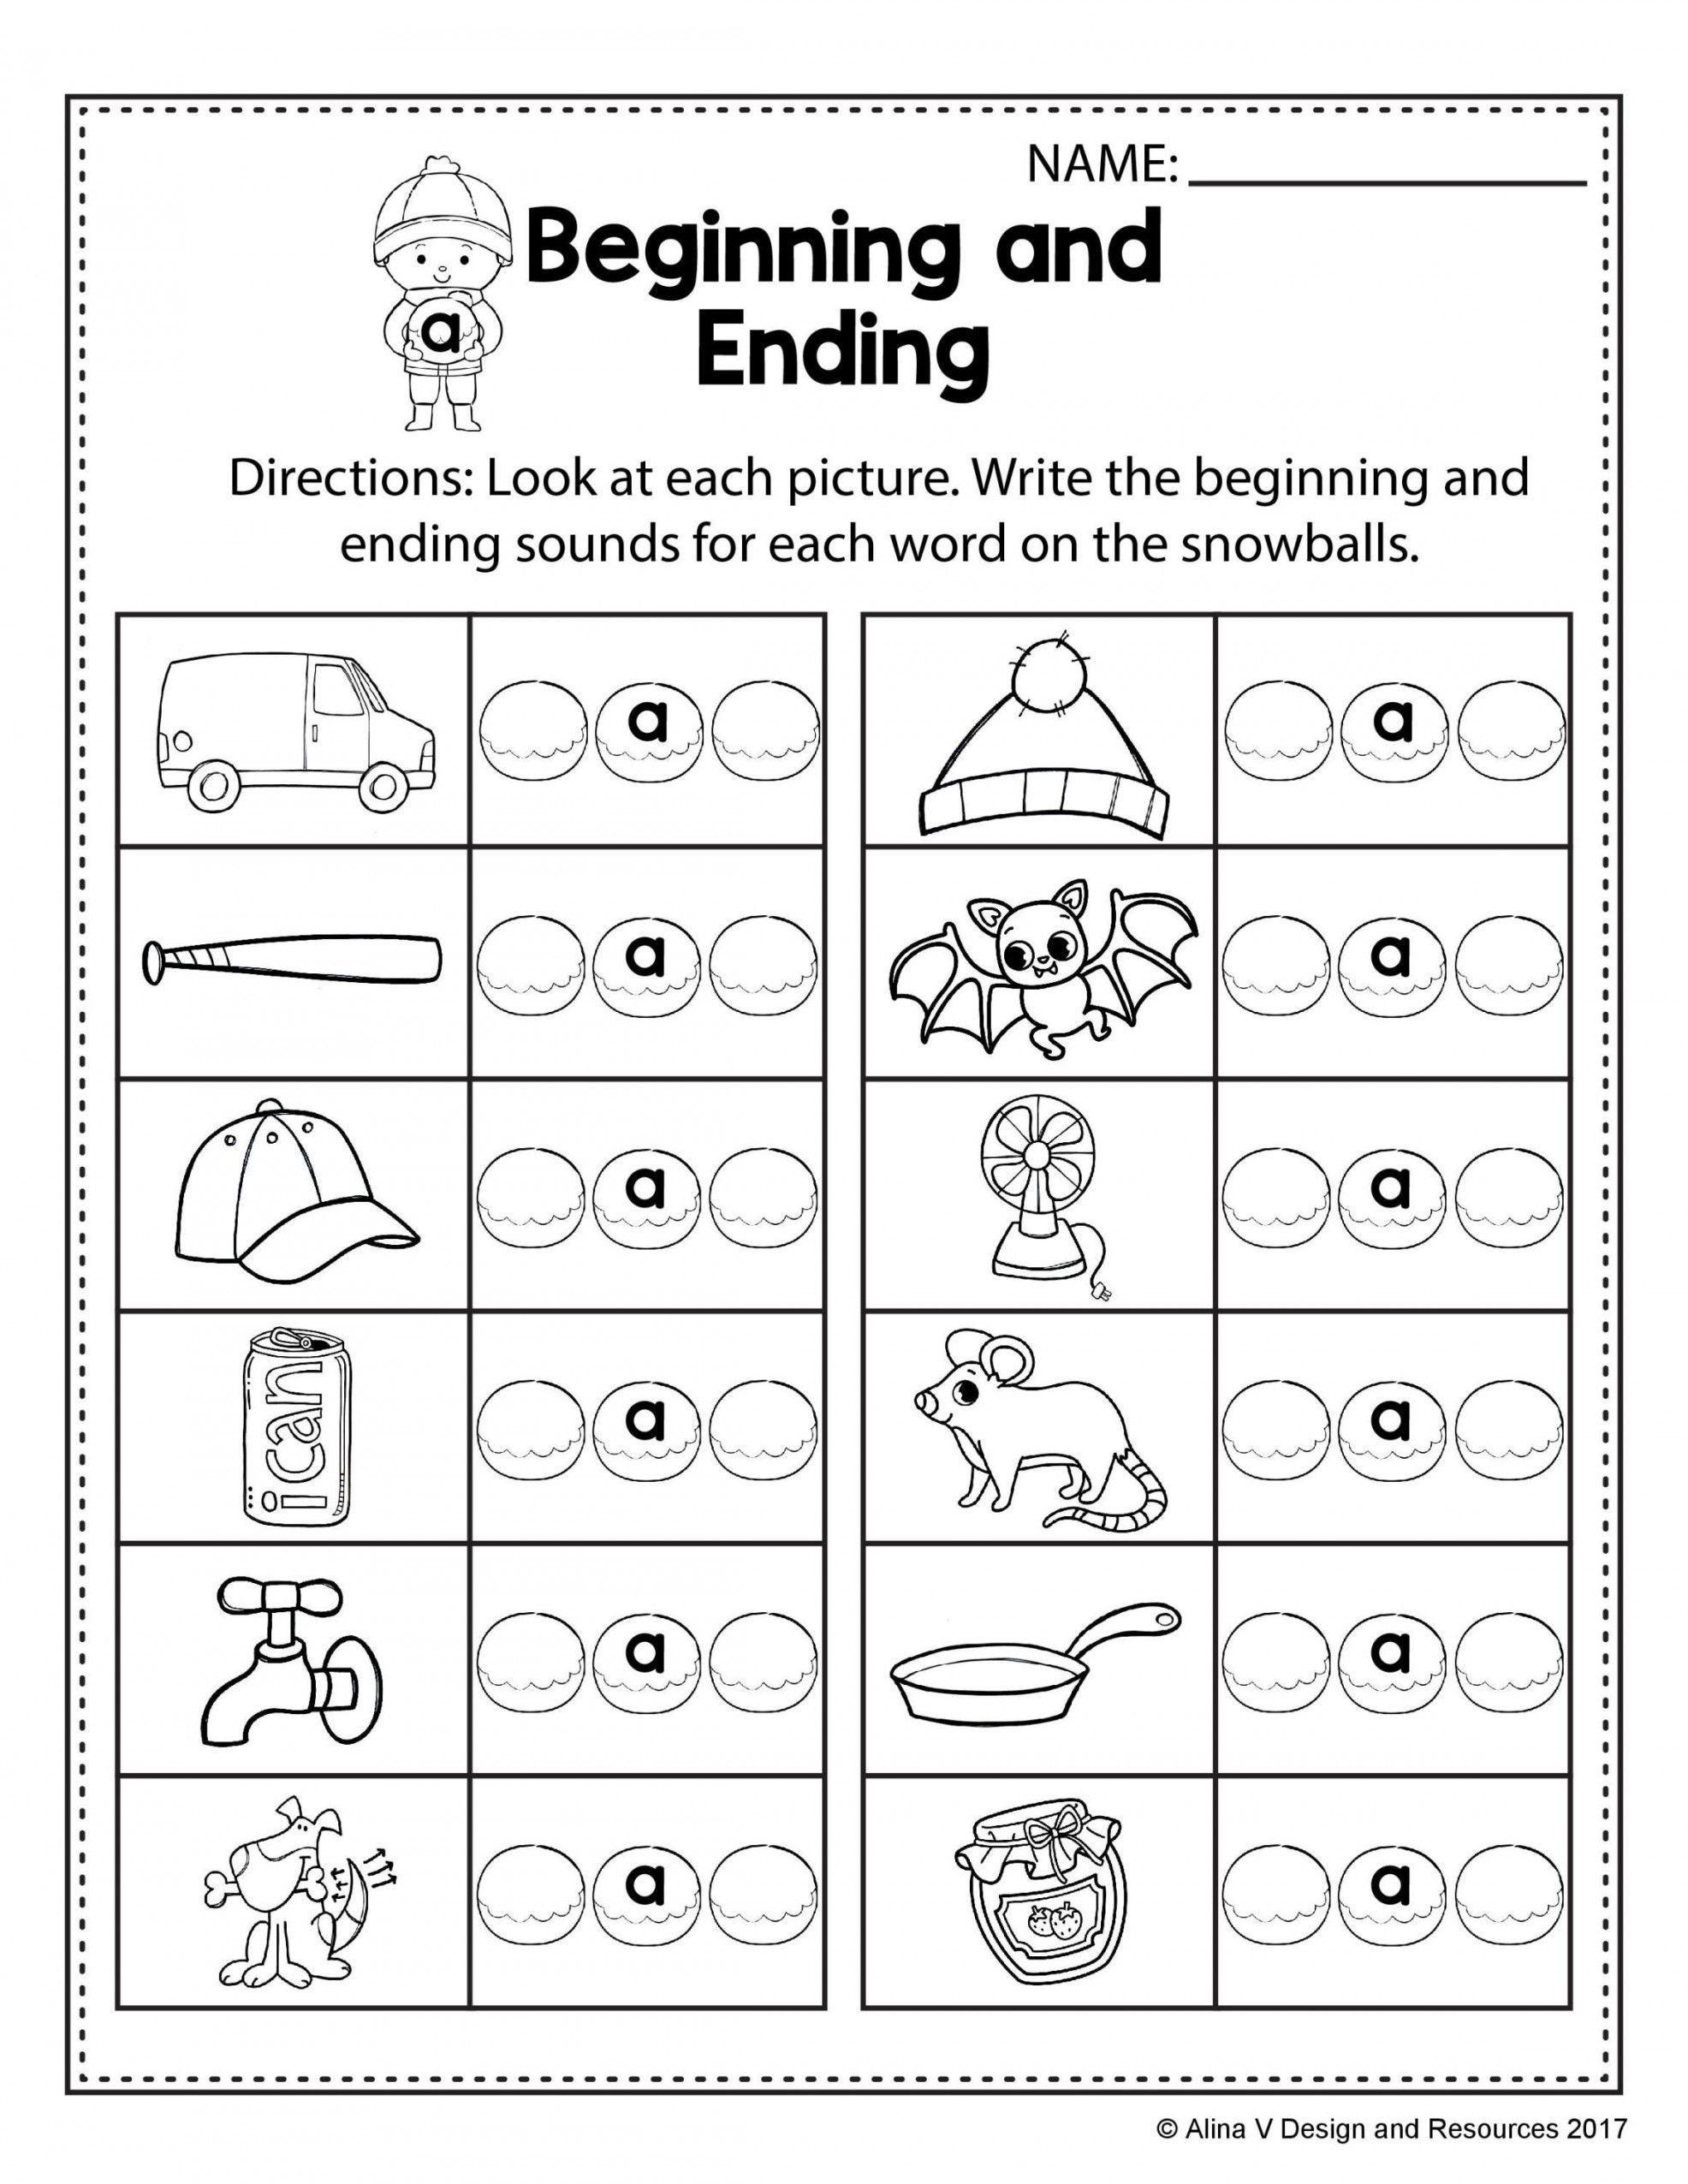 Cvc Words Worksheets Free Printable | Lostranquillos - Cvc Words | Cvc Words Worksheets Free Printable